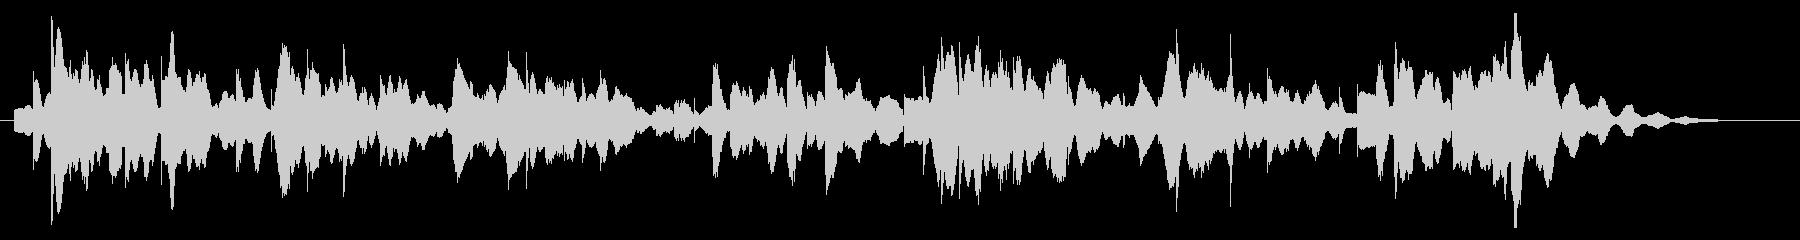 落ち着いたオルゴールのような電子ピアノ曲の未再生の波形